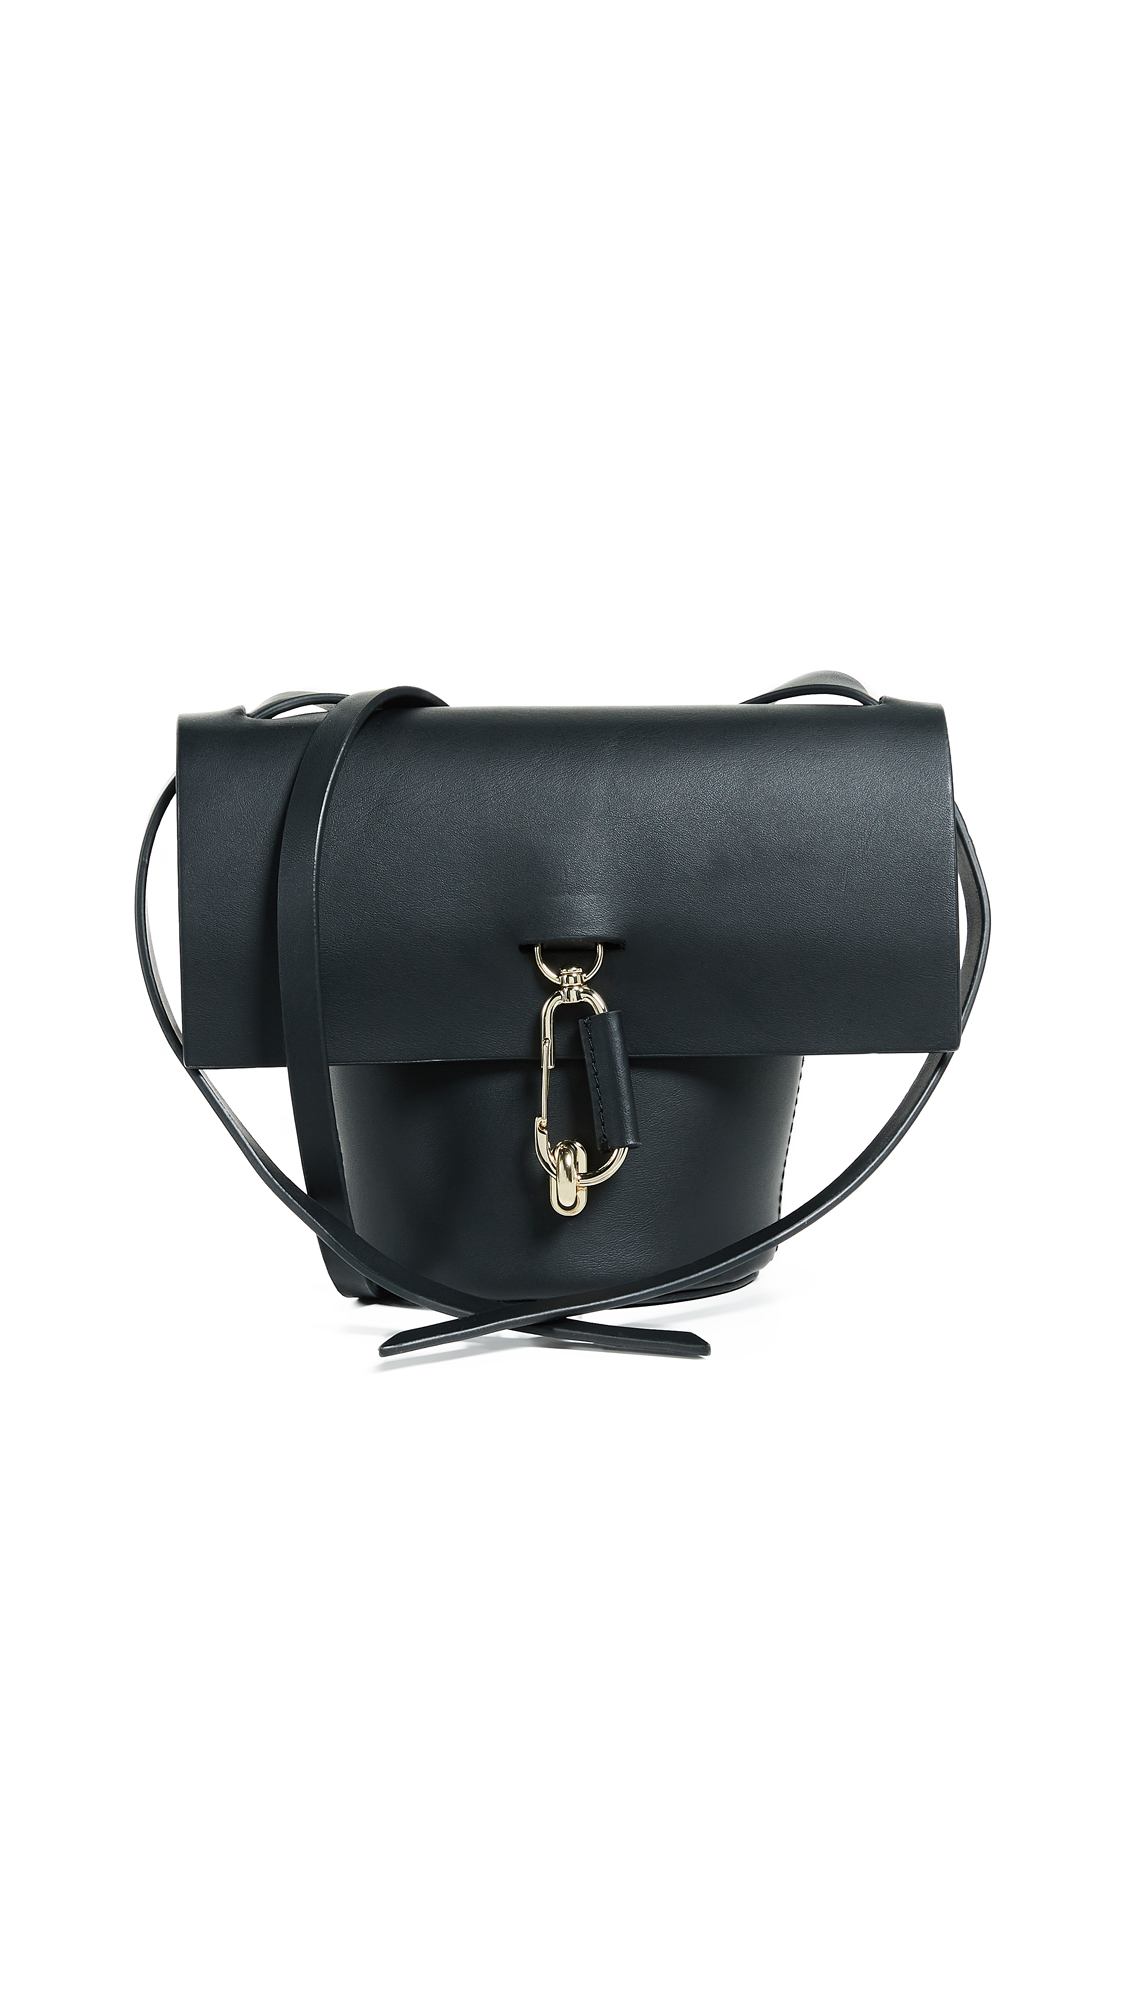 ZAC Zac Posen Belay Mini Cross Body Bag - Black